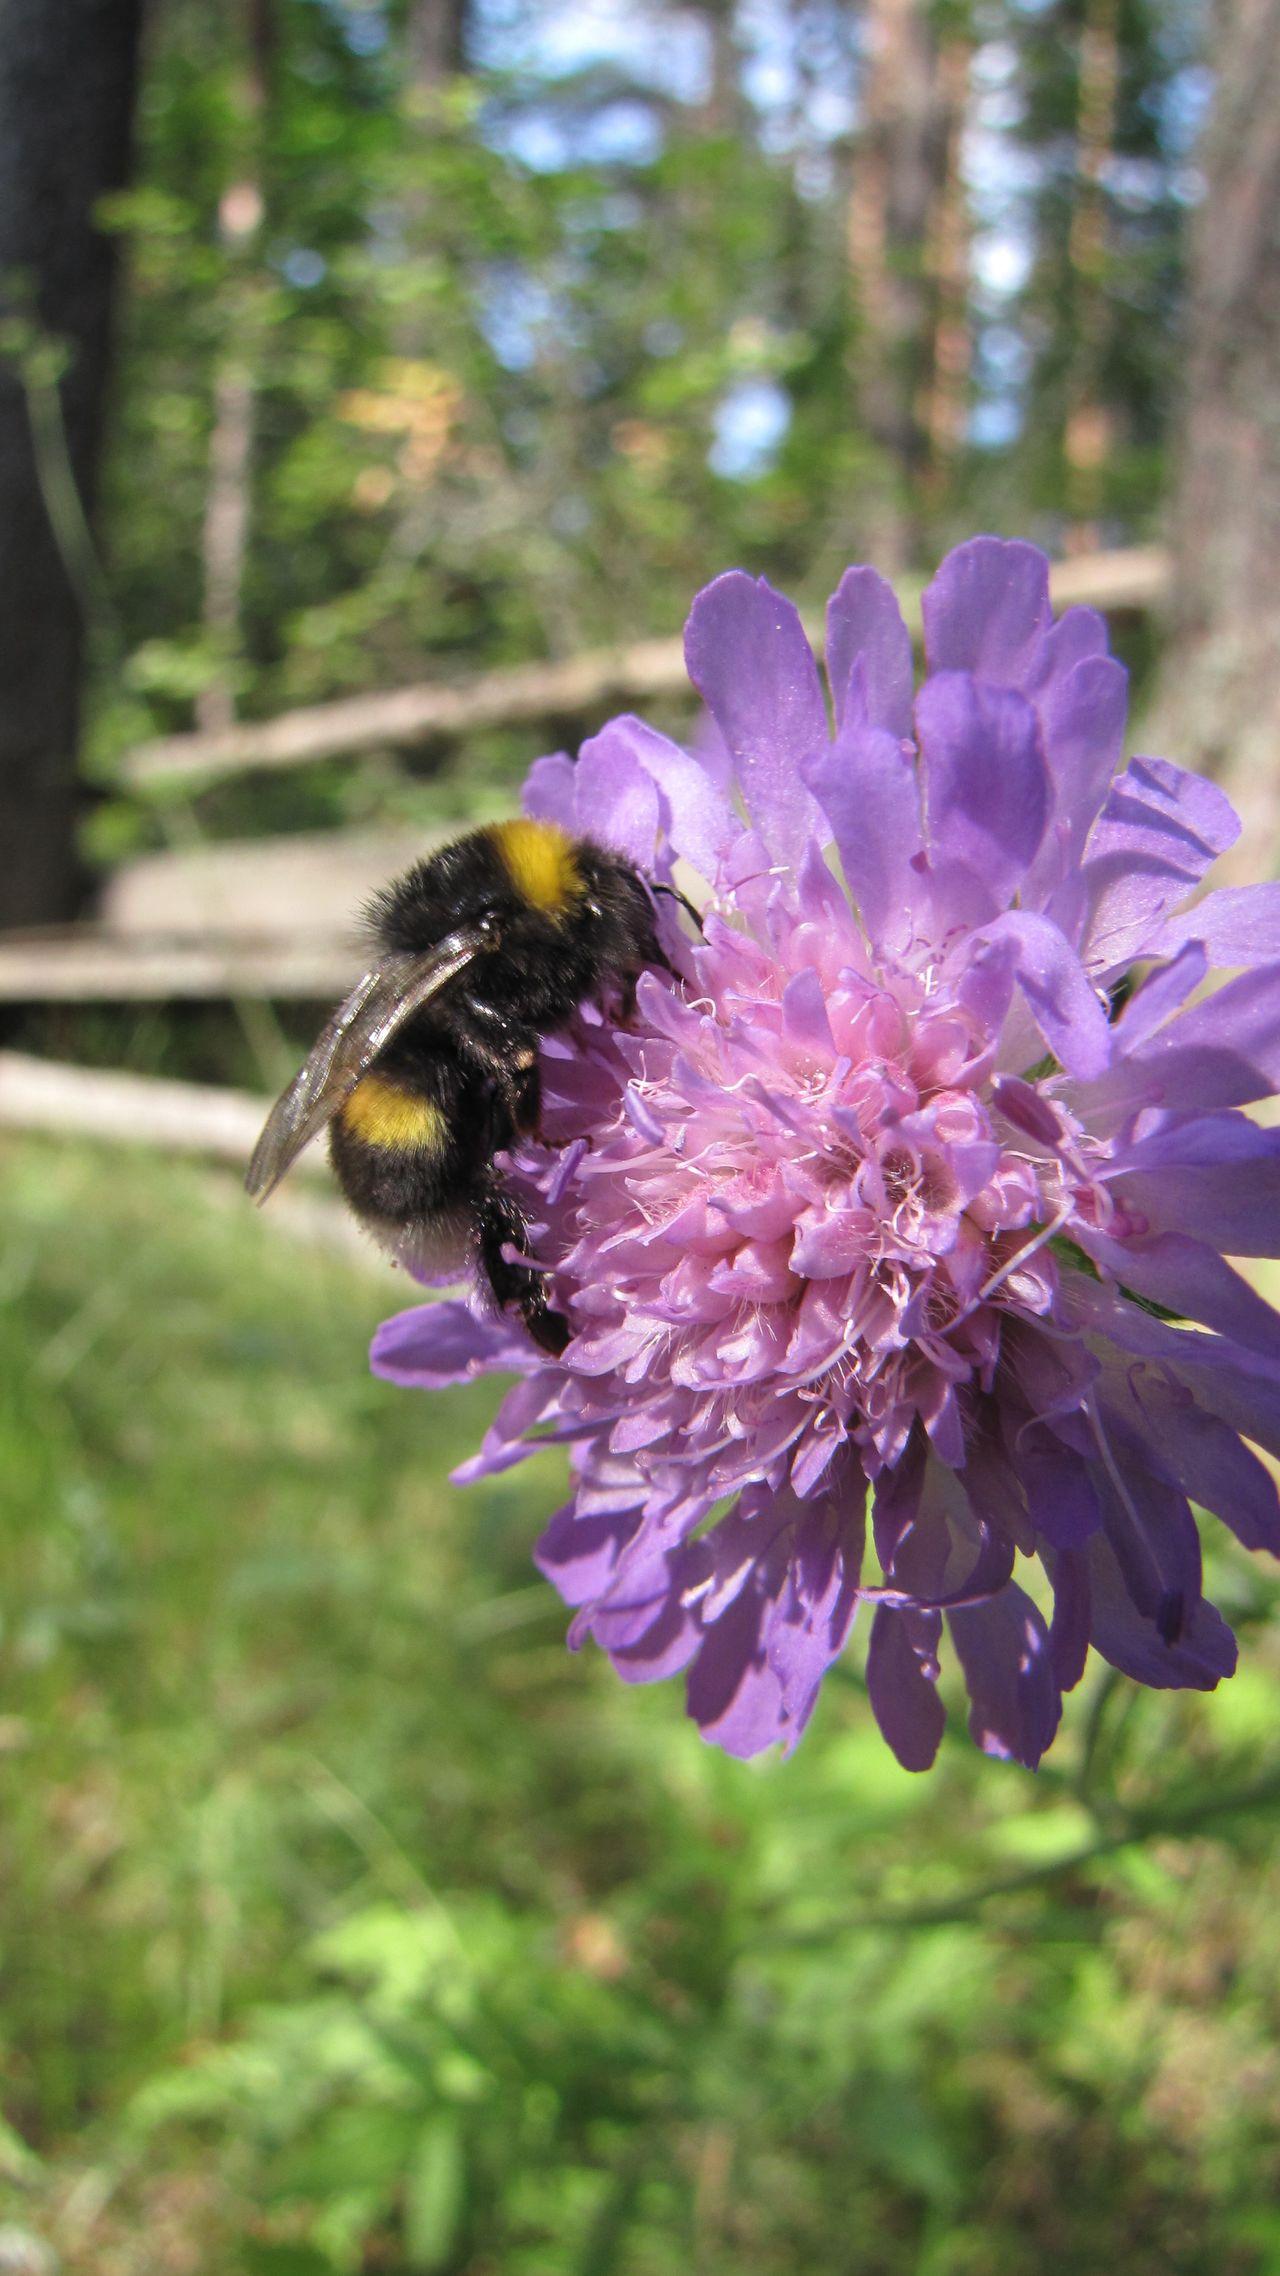 Beetle Bugs Bumblebee Green Wings Zoom Hum Violet шмель шмели